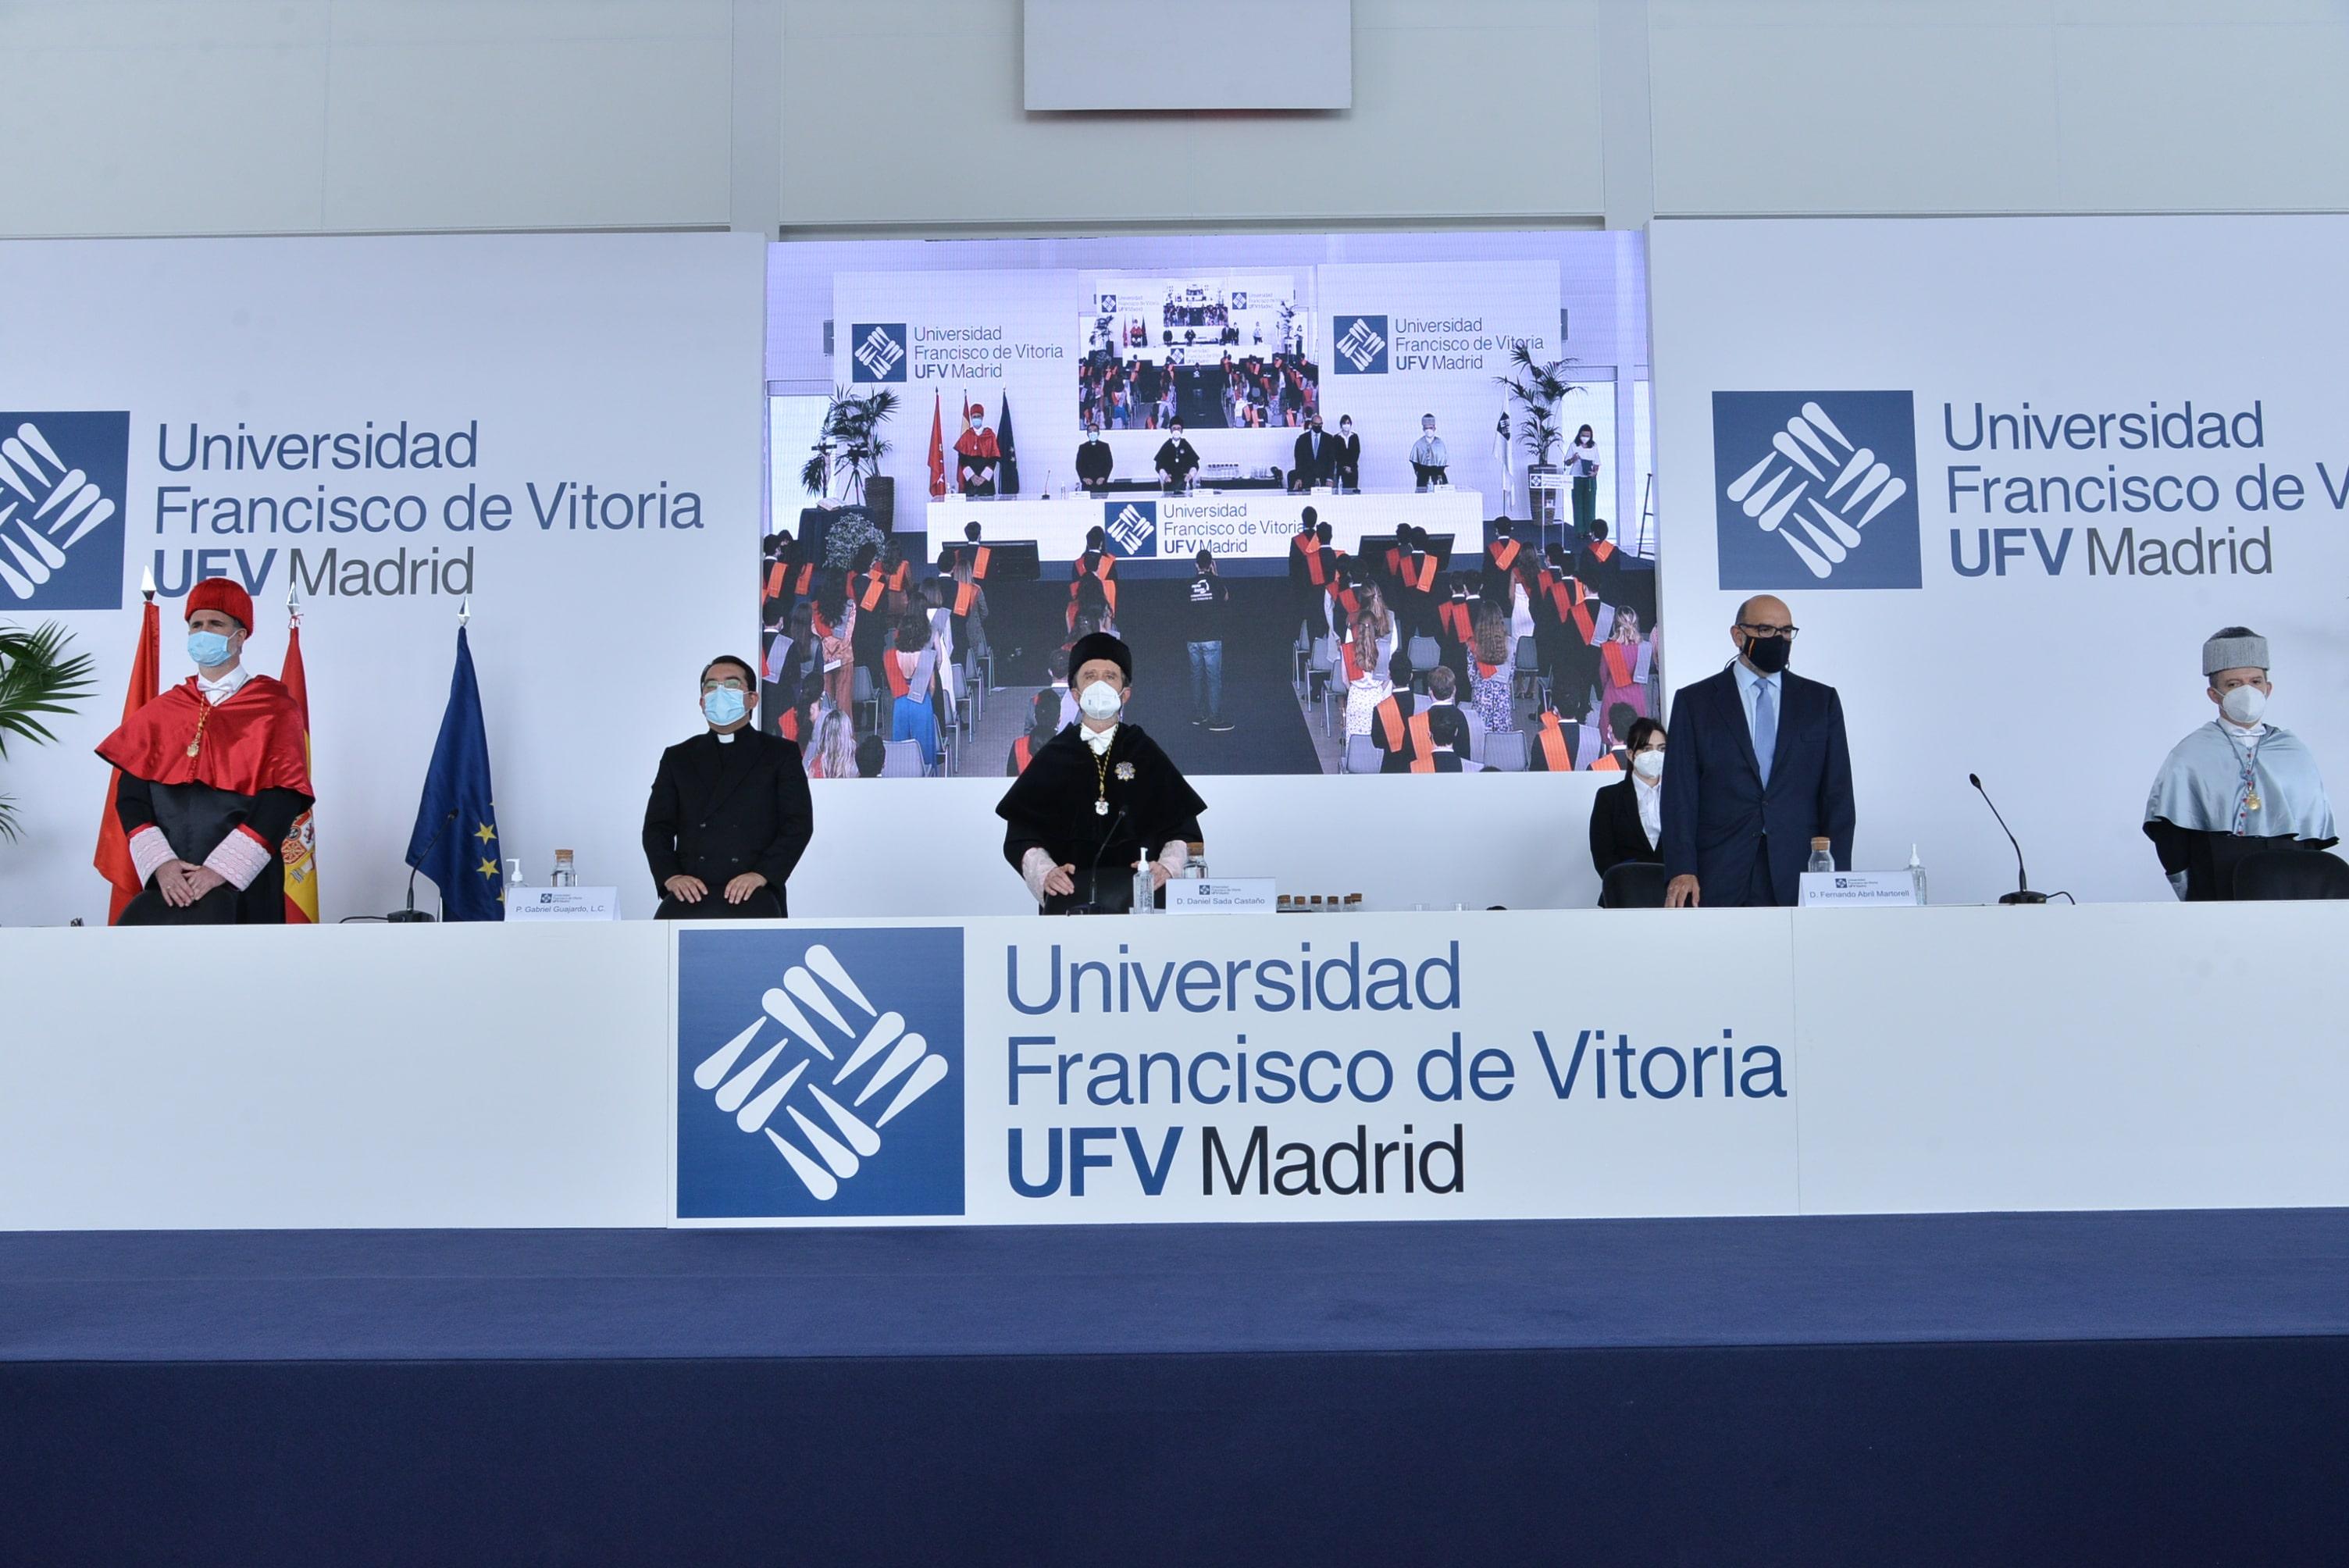 210704UFV1 1157 min Actos académicos Estudiar en Universidad Privada Madrid